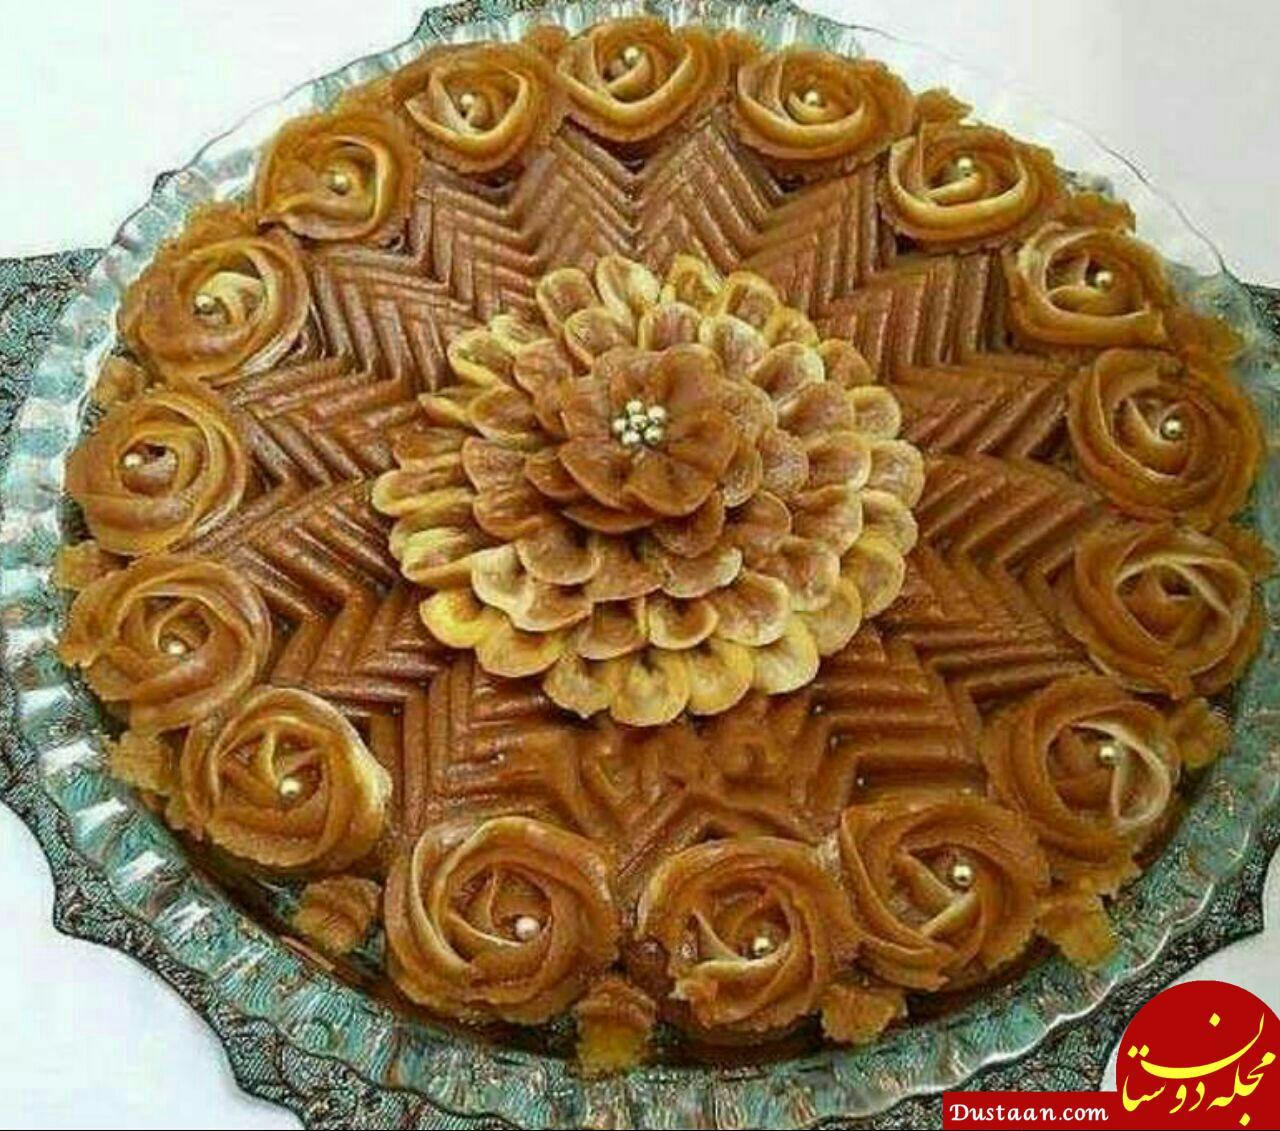 www.dustaan.com طرز تهیه حلوا دسر ایرانی به سبکی خوشمزه